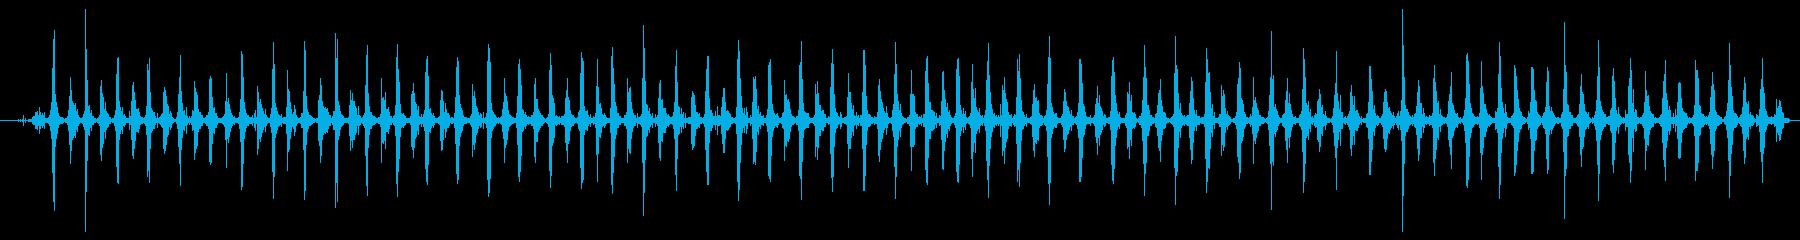 シェーカー ウッドラトルスローハード01の再生済みの波形